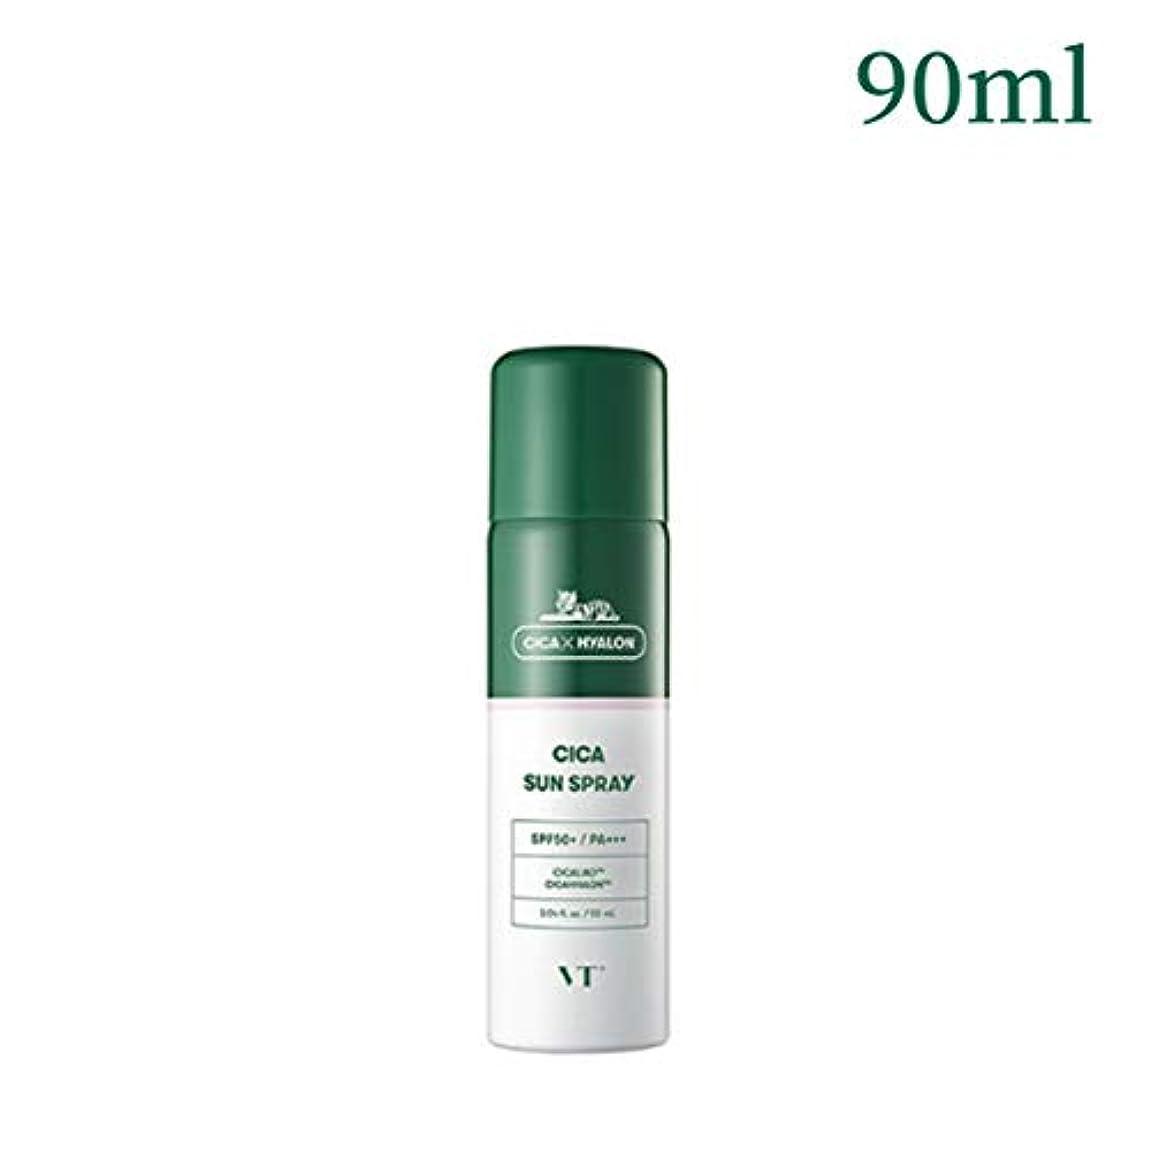 緊急パラダイスタクシーVT Cosmetis CICAサンスプレー90ml